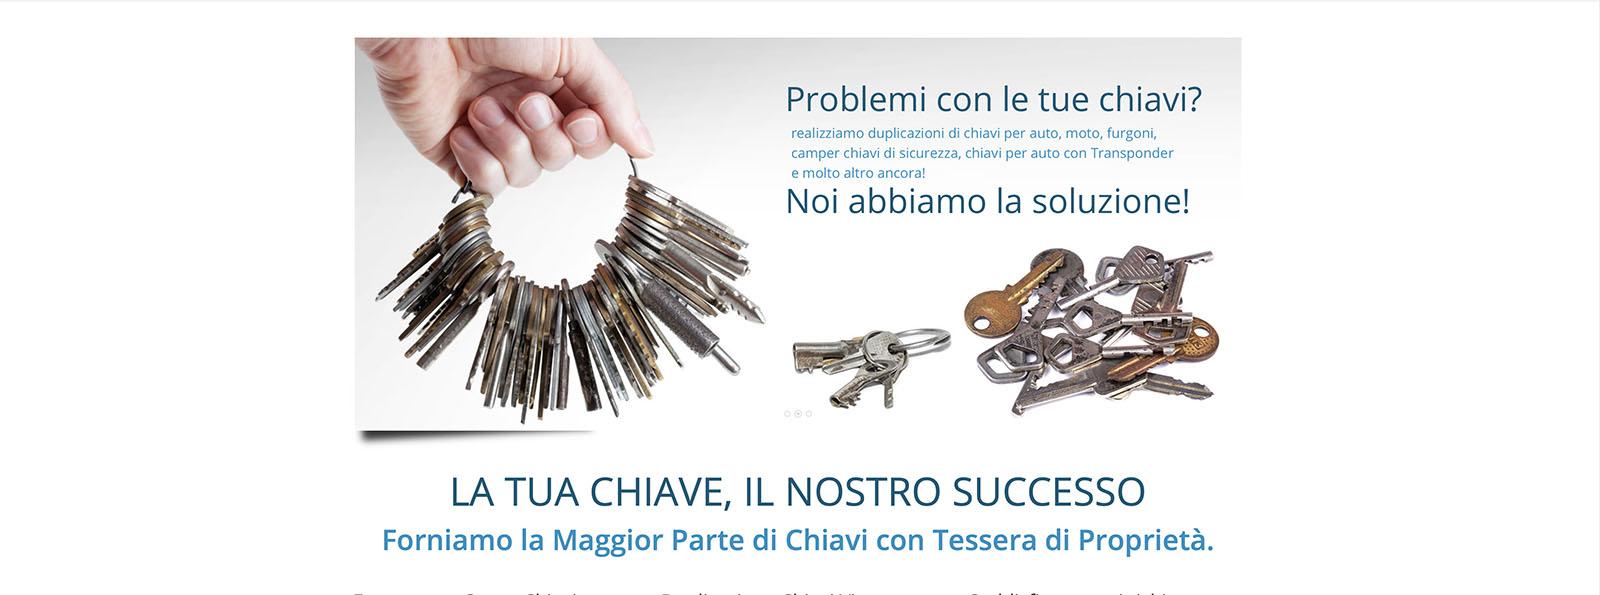 Sito Web Centro Chiavi Vicenza